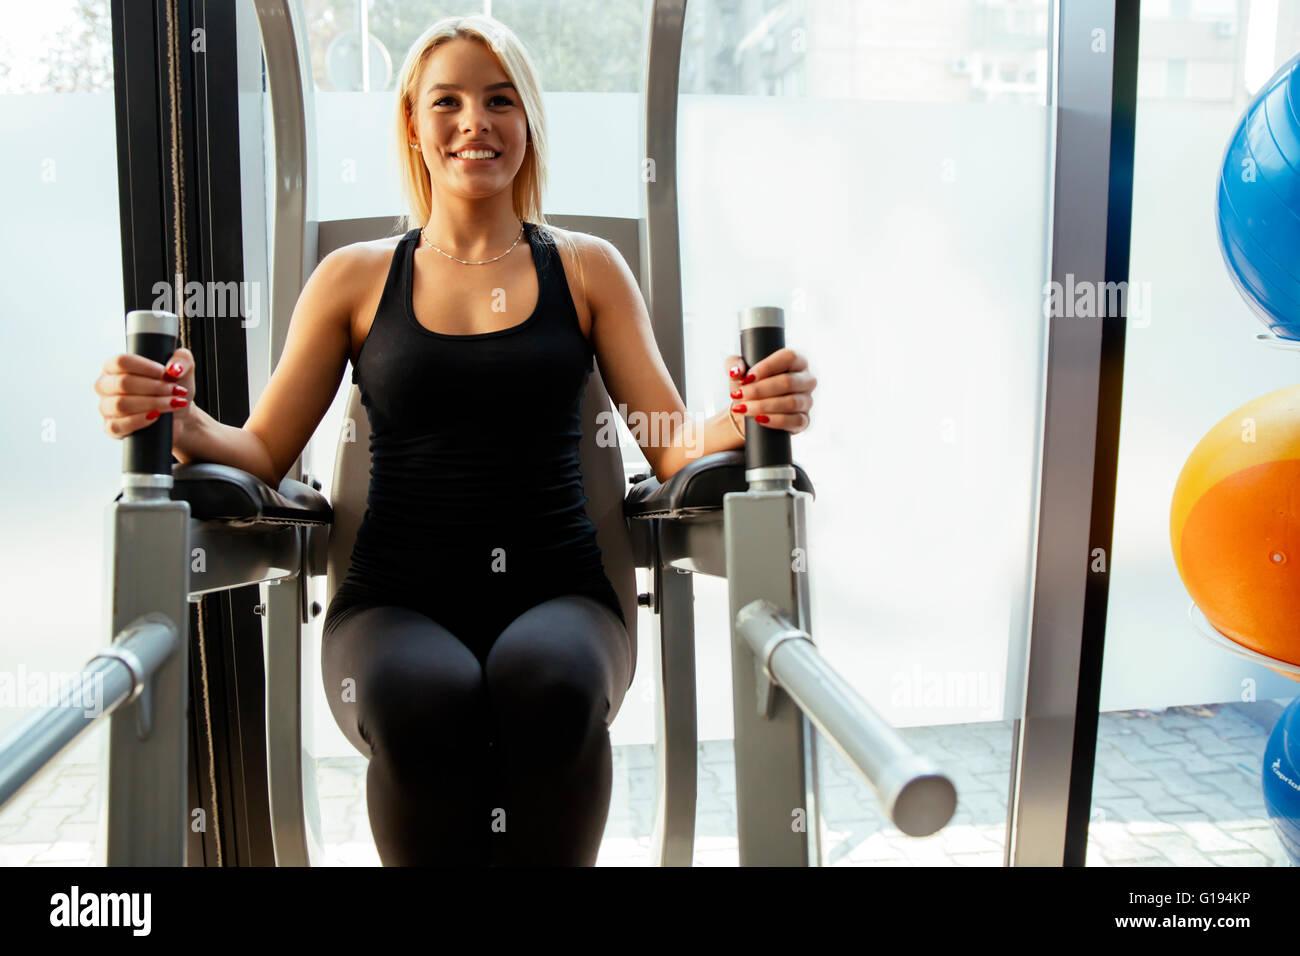 Belle femme en formation sport et garder corps en forme Banque D'Images